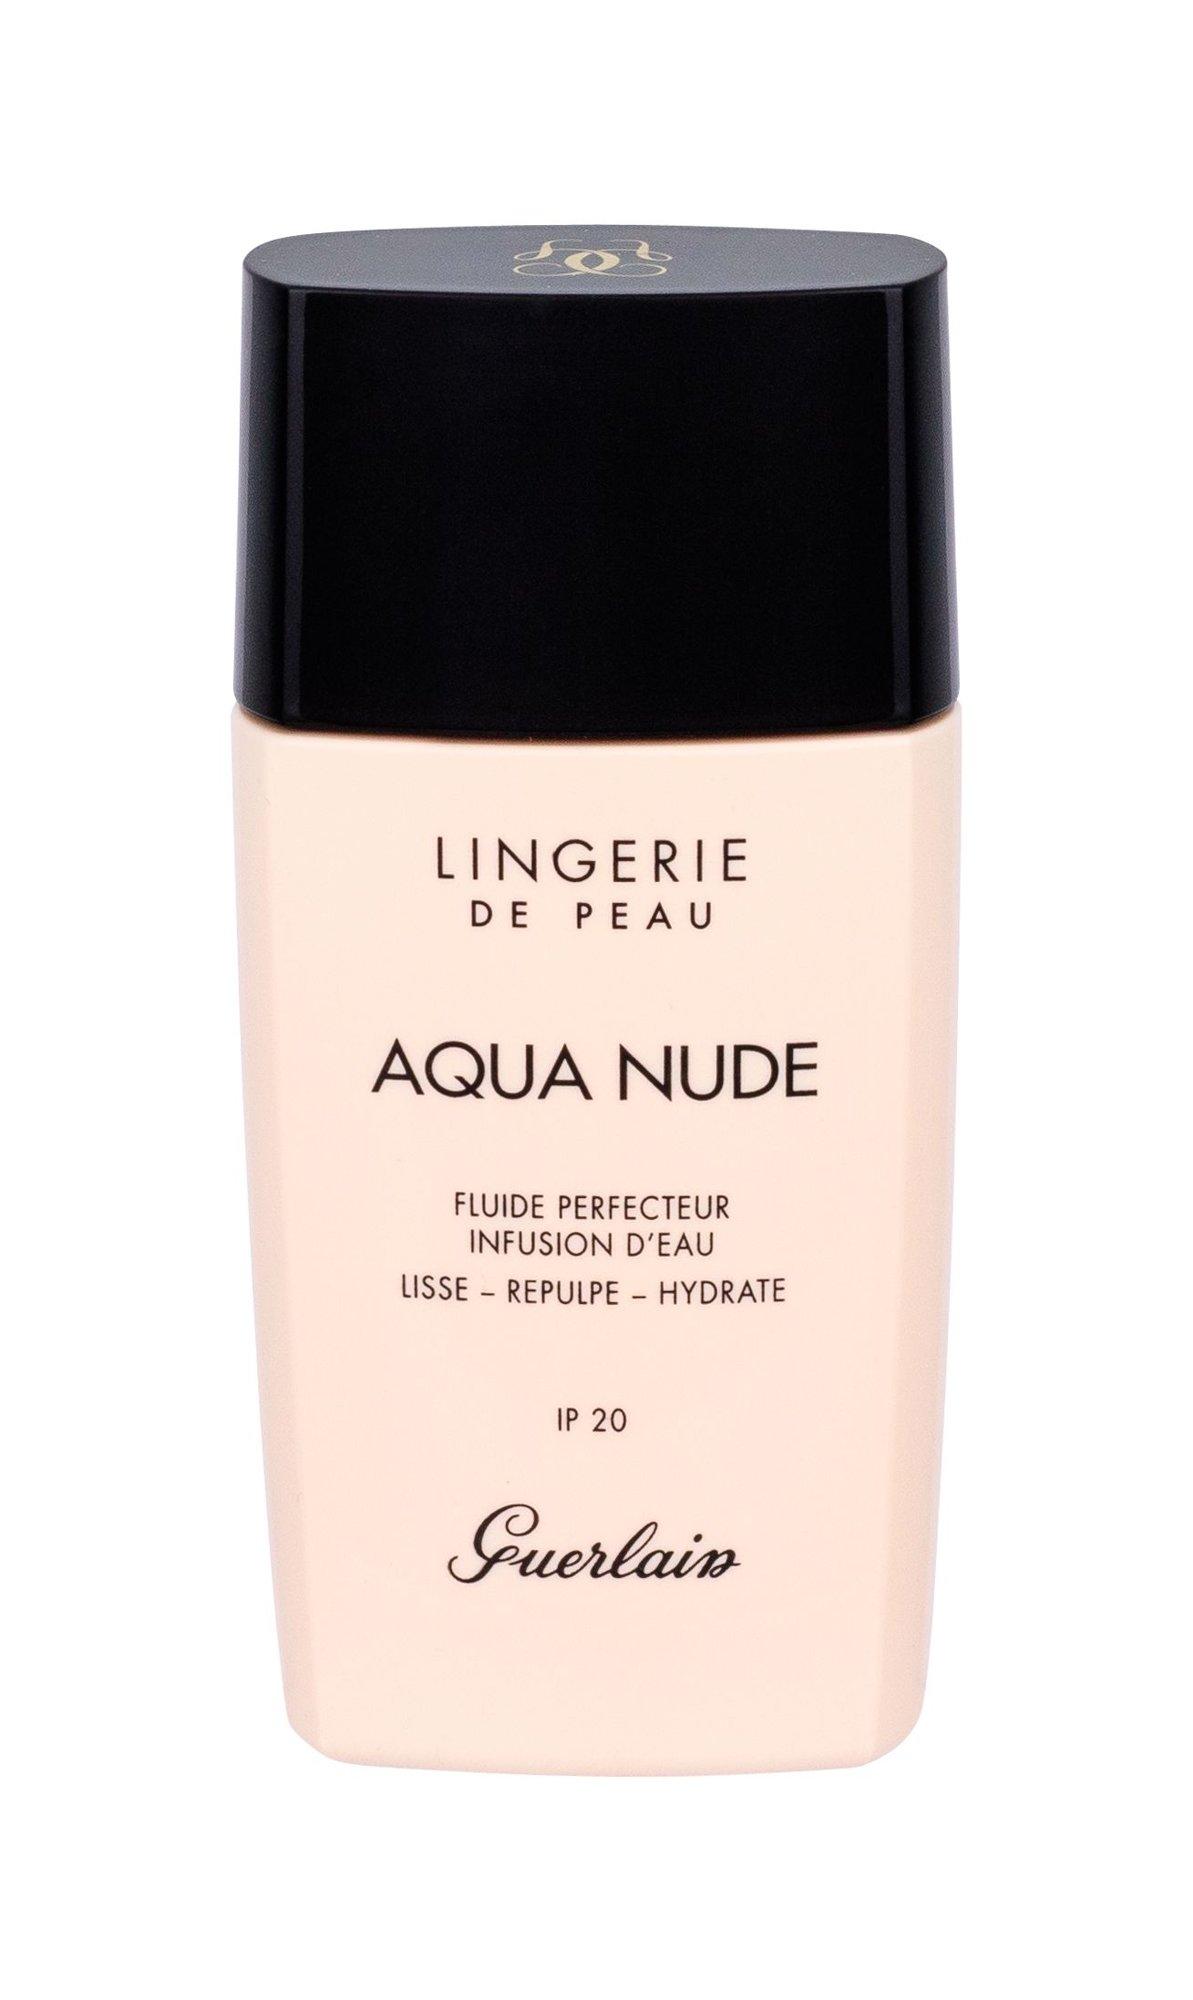 Guerlain Lingerie De Peau Makeup 30ml 01W Very Light Warm Aqua Nude